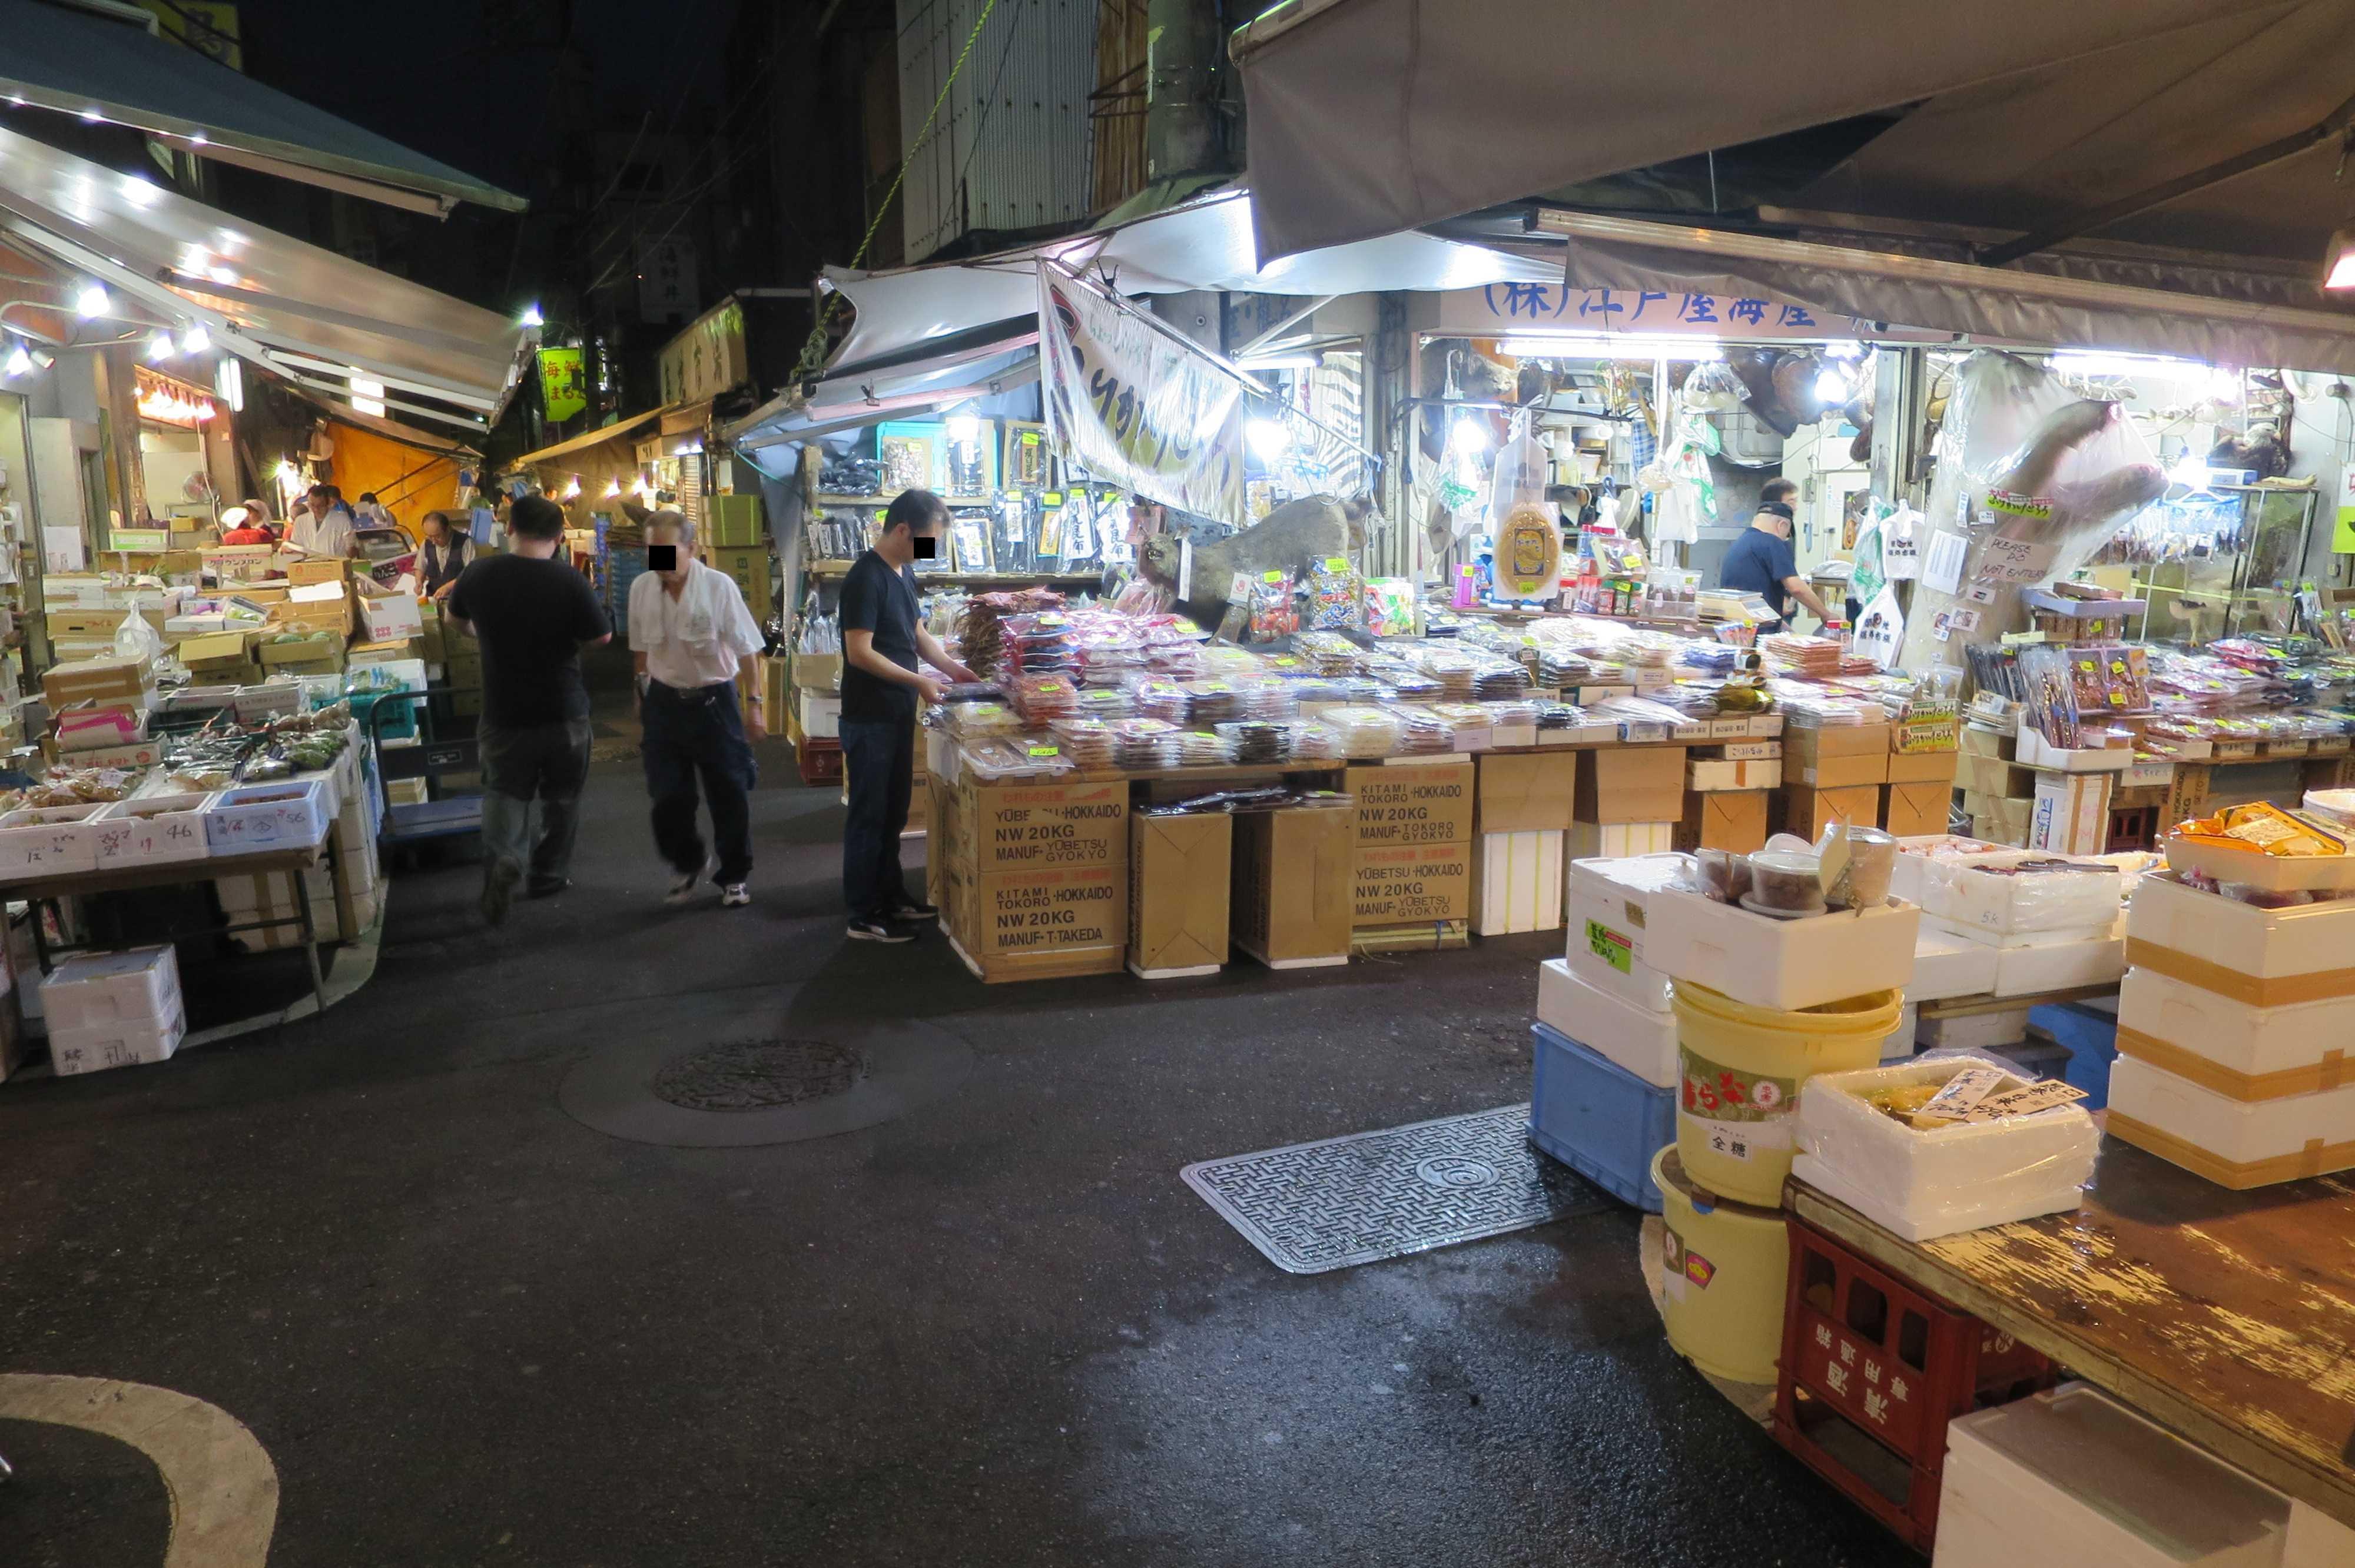 築地場外市場 - 四つ角(十字路)